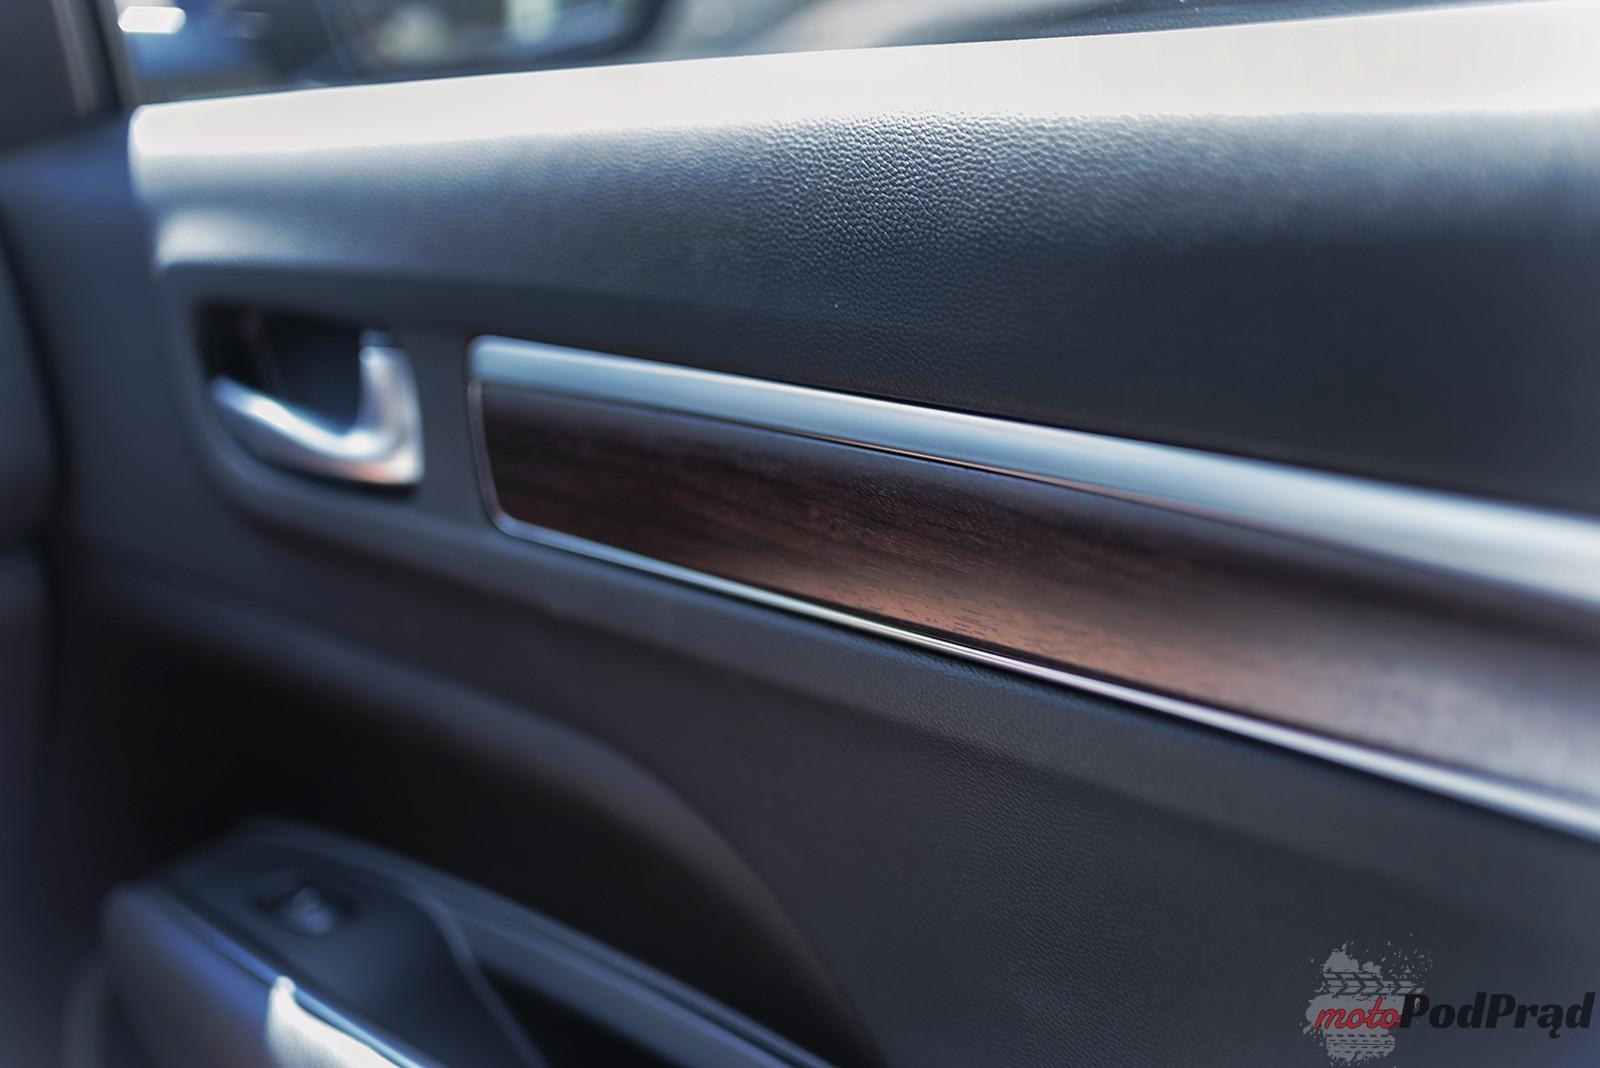 Renault Koleos 14 Renault Koleos   pierwsza jazda w siodle